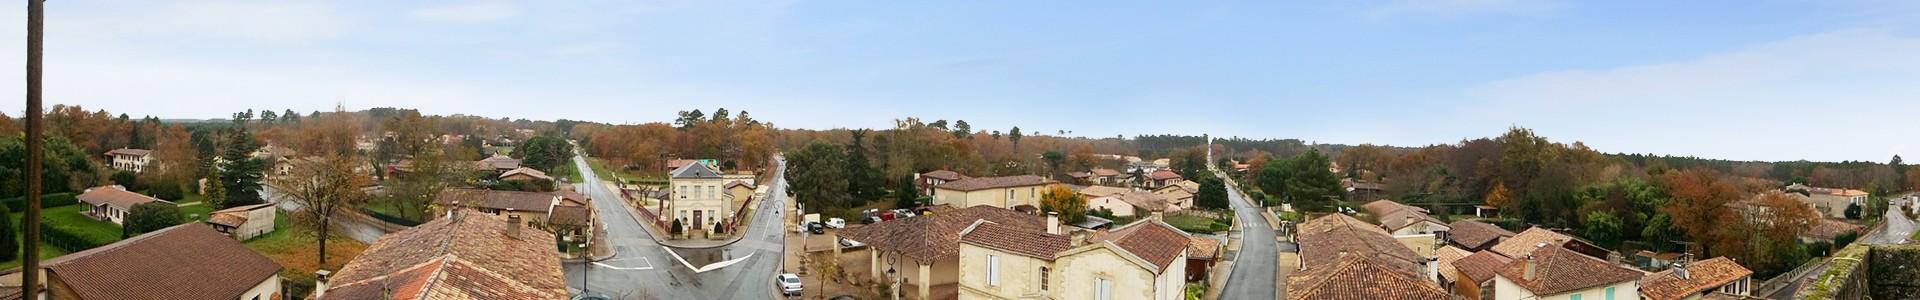 https://www.saintmichel-de-rieufret.fr/wp-content/uploads/2015/03/panoramique-saint-michel-de-rieufret-1920x3001-1920x300.jpg